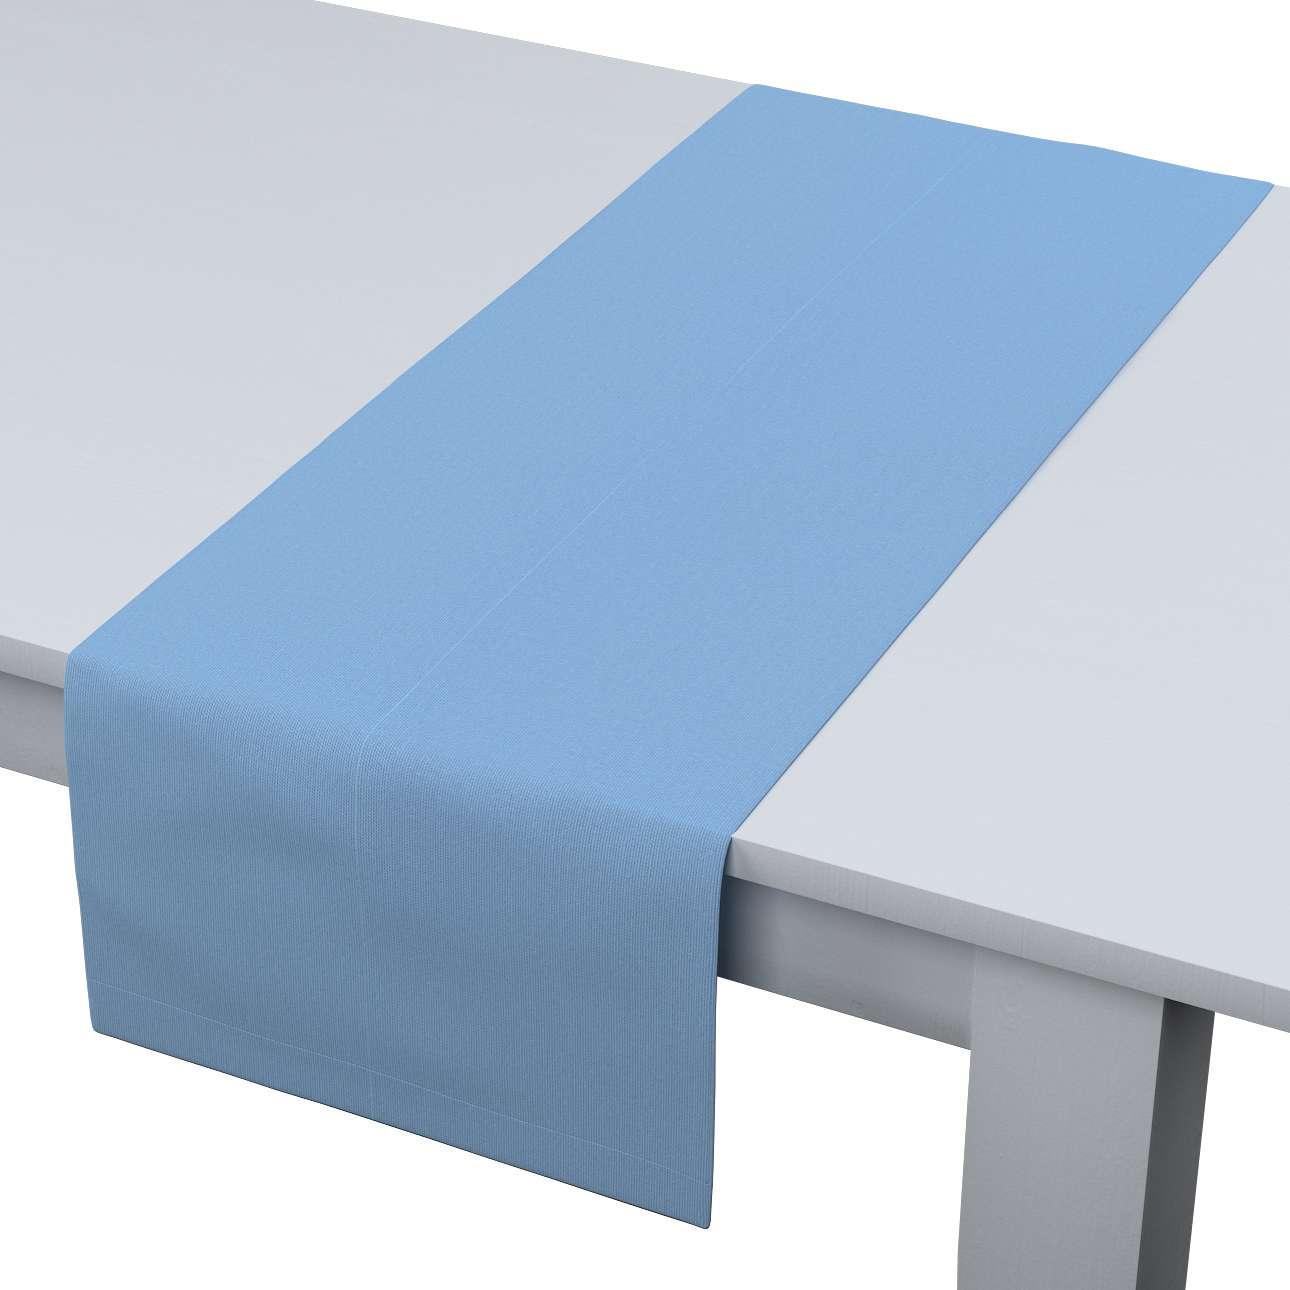 Štóla na stôl V kolekcii Loneta, tkanina: 133-21